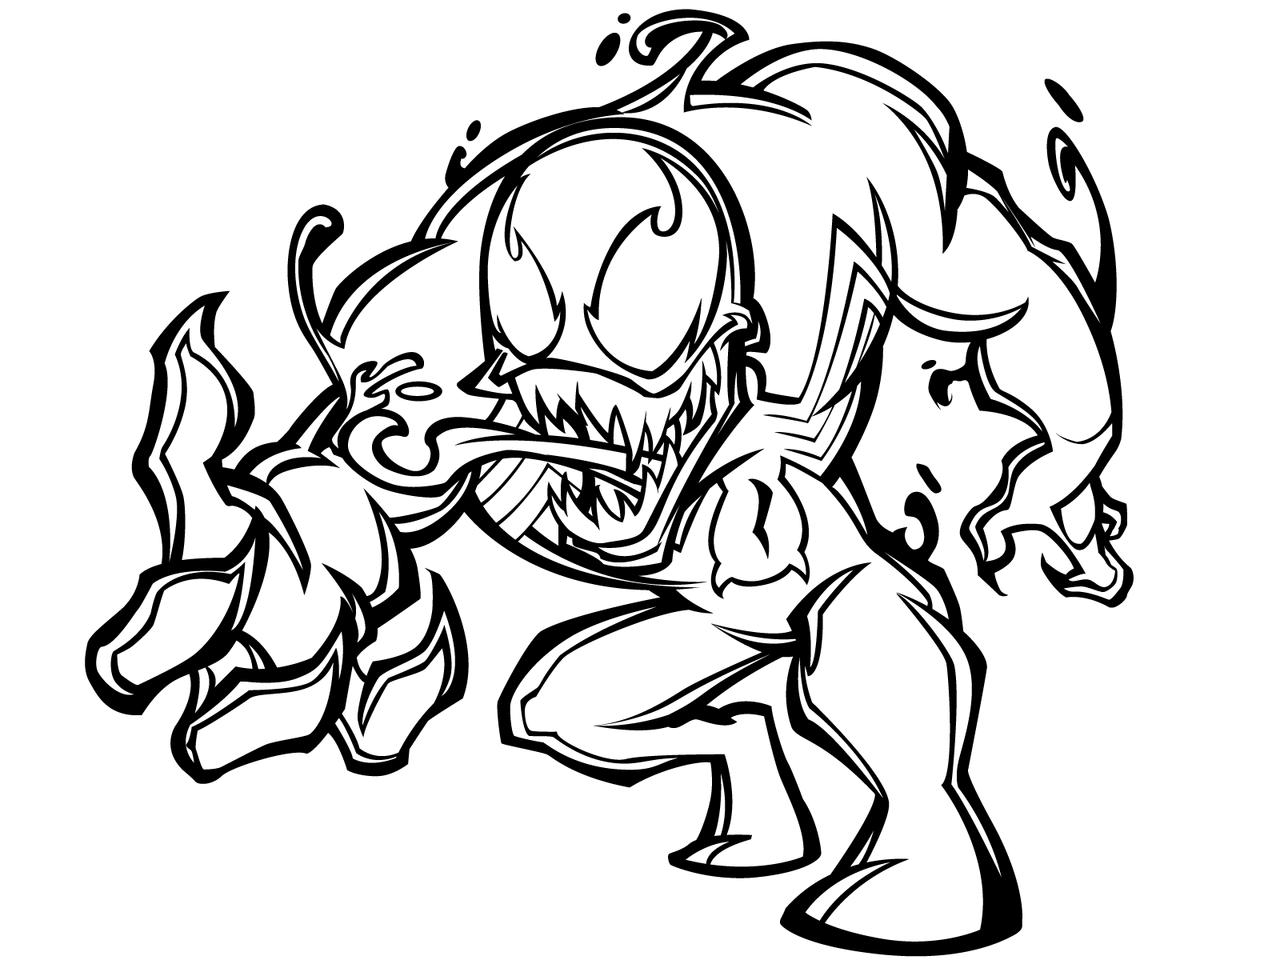 Excepcional Colorear Veneno De Spiderman Componente - Dibujos de ...